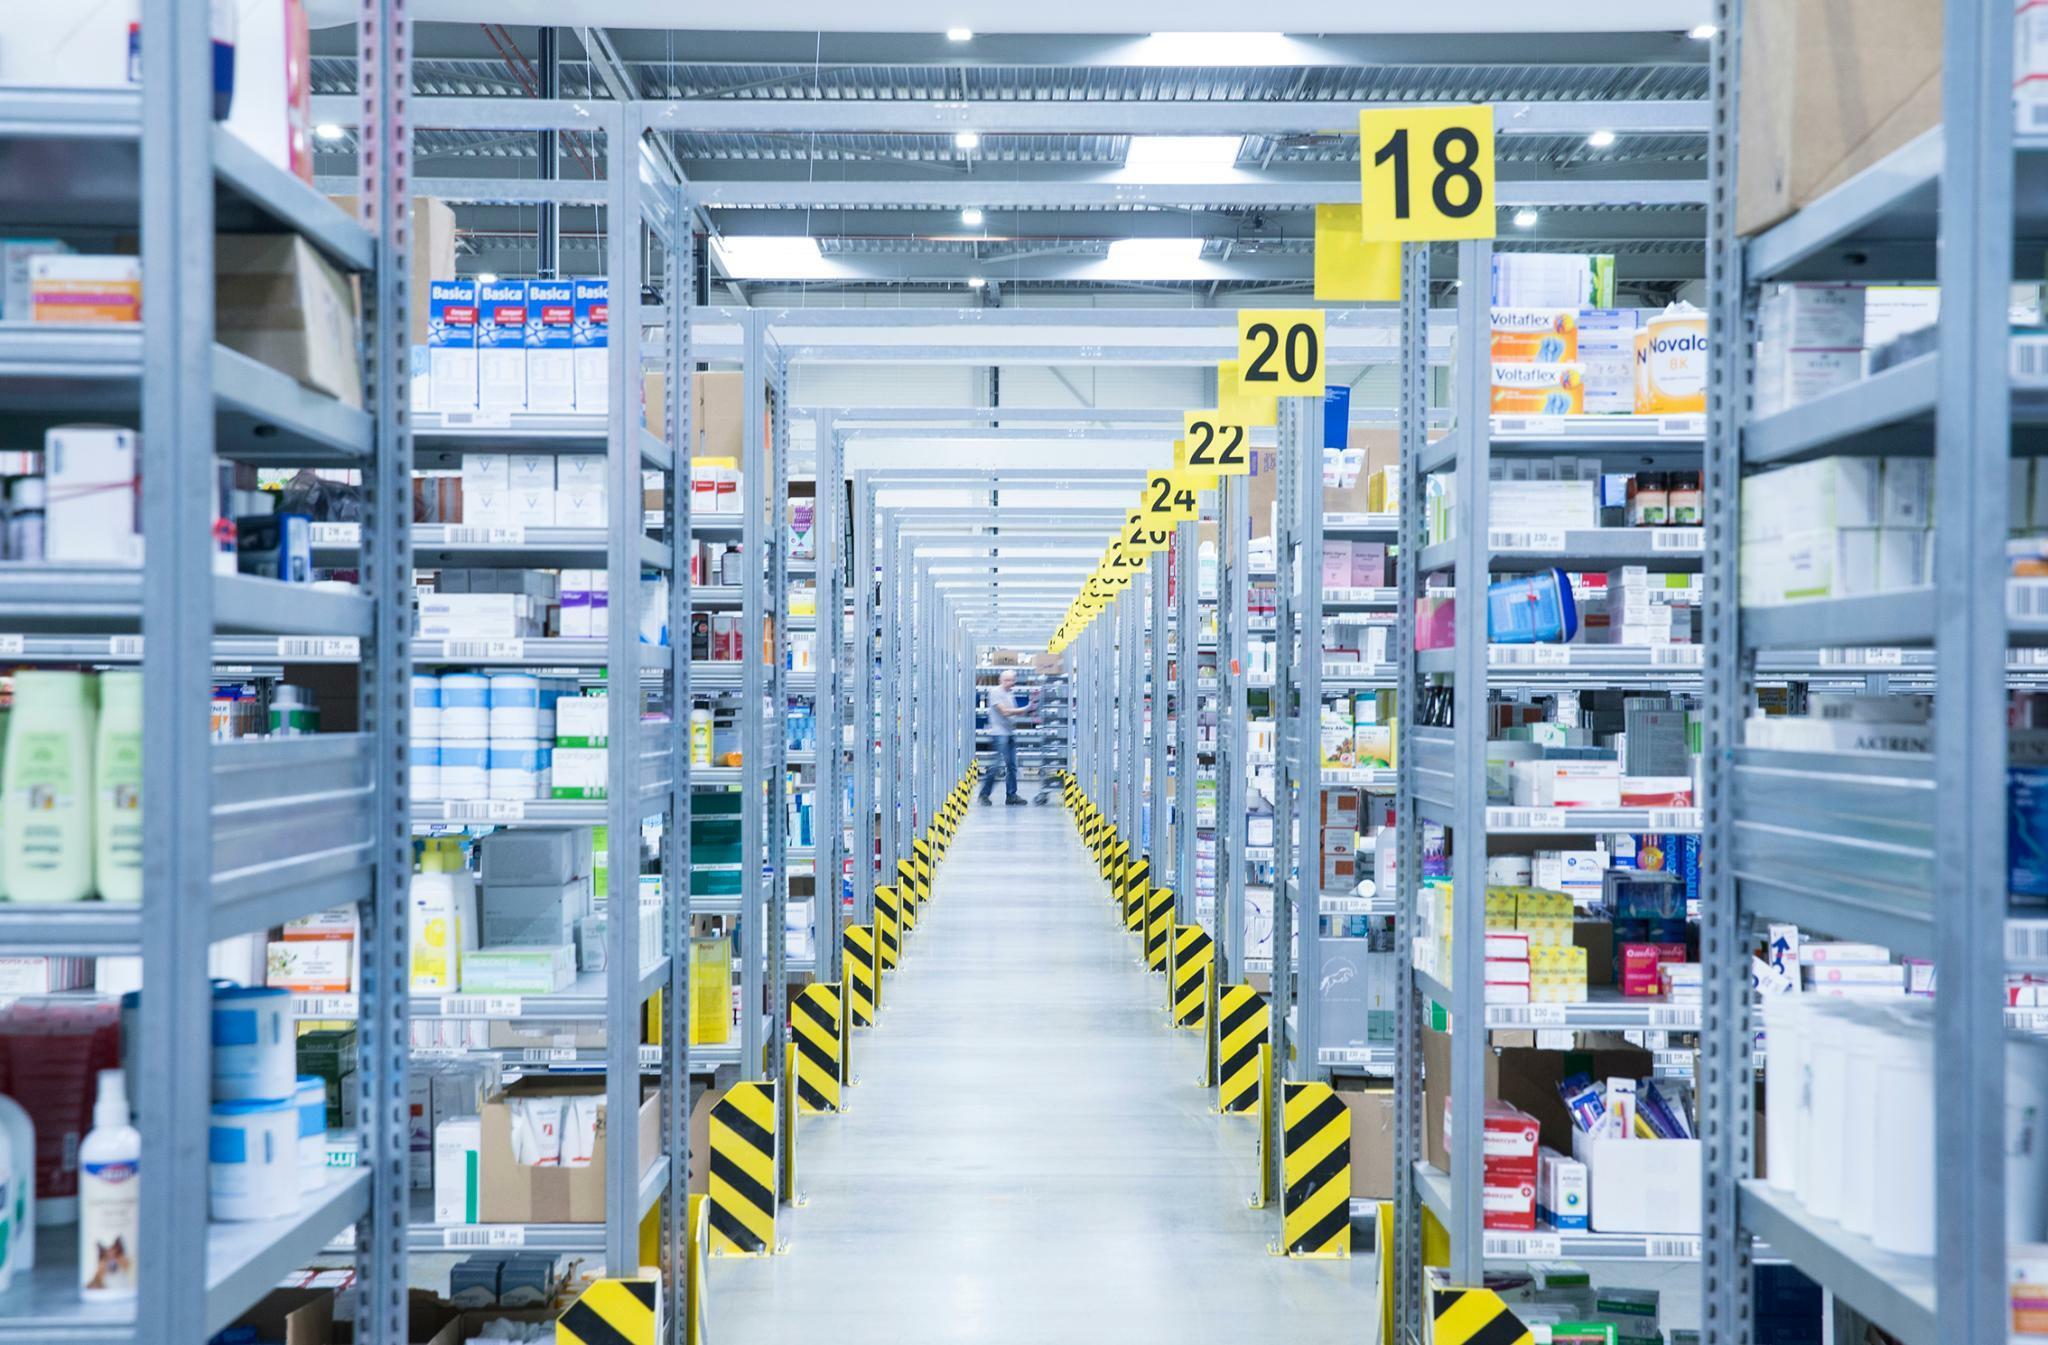 Shop Apotheke will Milliardengrenze beim Umsatz überschreiten